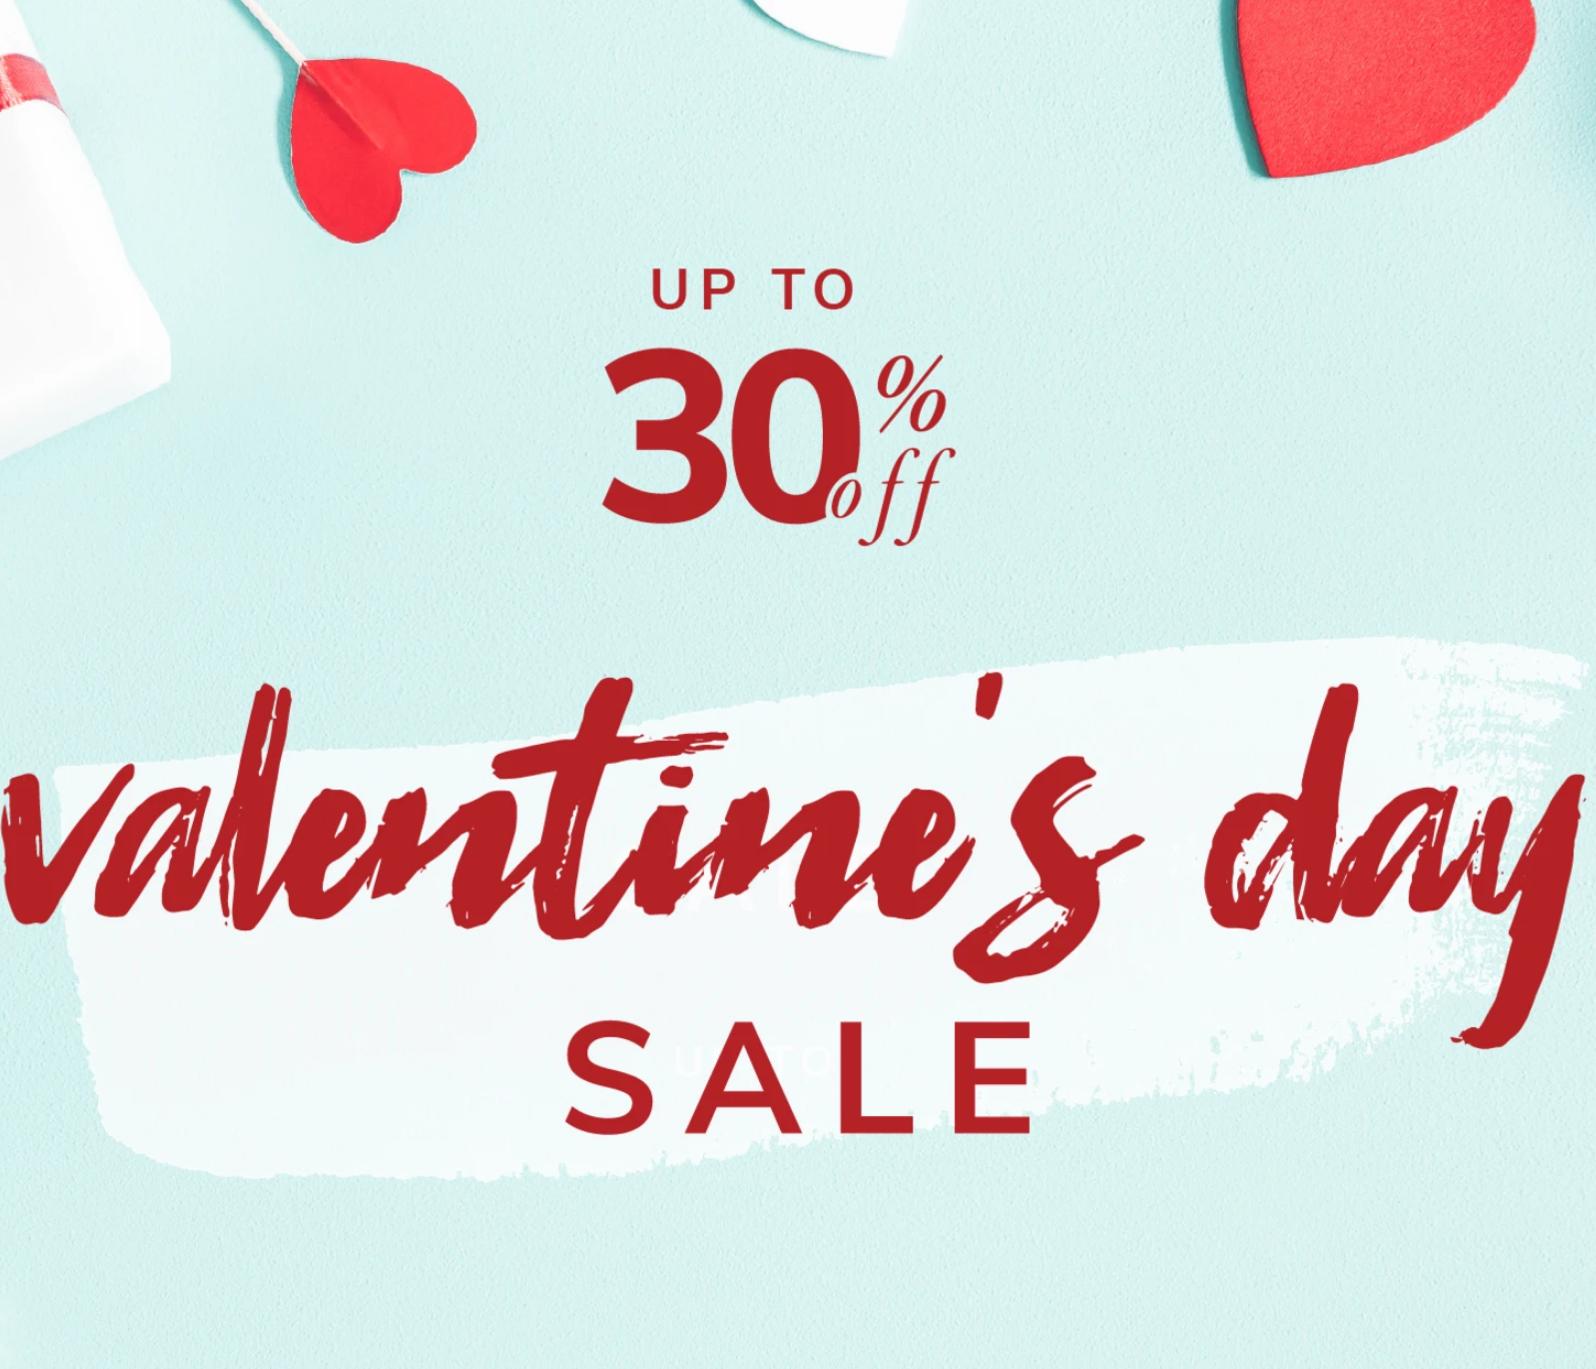 Pier 1 Online: Up to 30% off Valentine's Sale